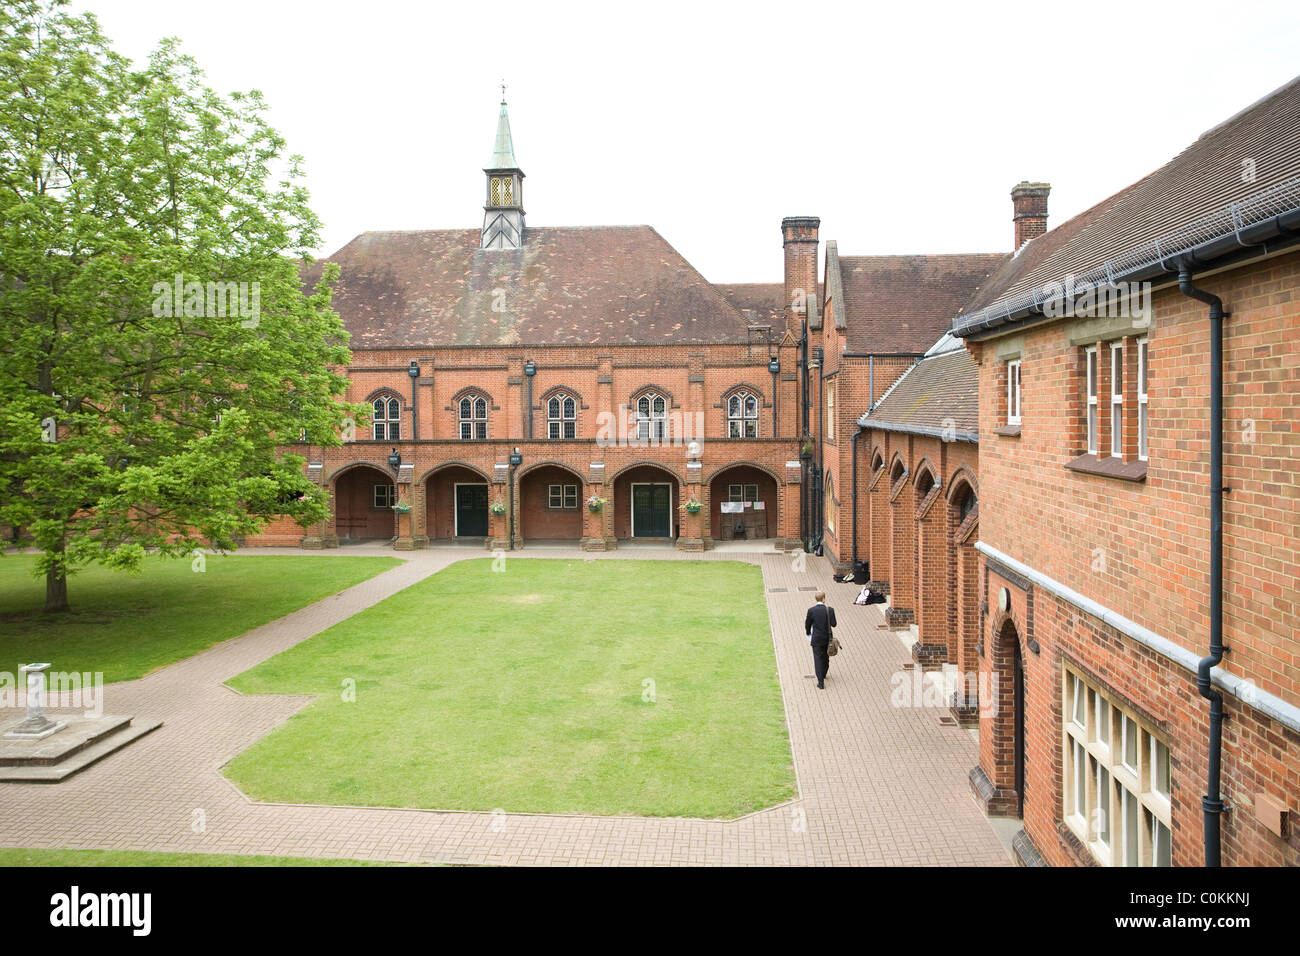 El Cuadrángulo en Maidstone Grammar School en Maidstone, Kent, Reino Unido. Imagen De Stock